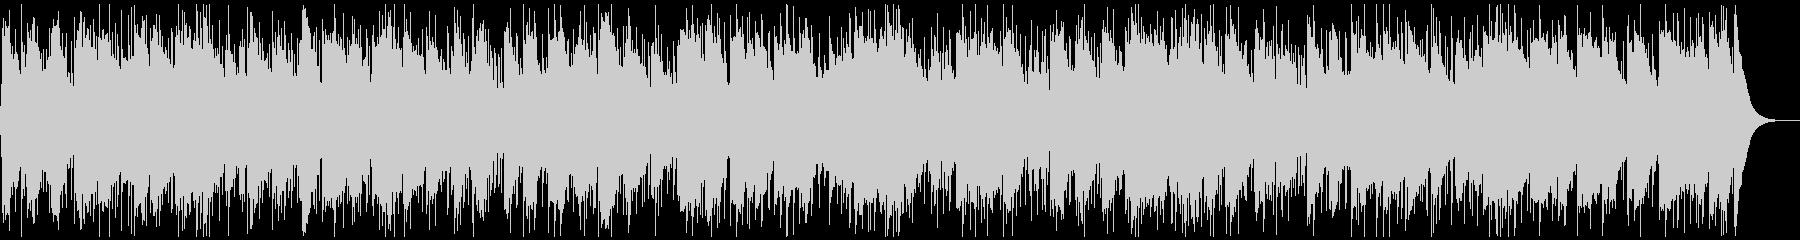 シンプル重厚なハードロックバラードBGMの未再生の波形